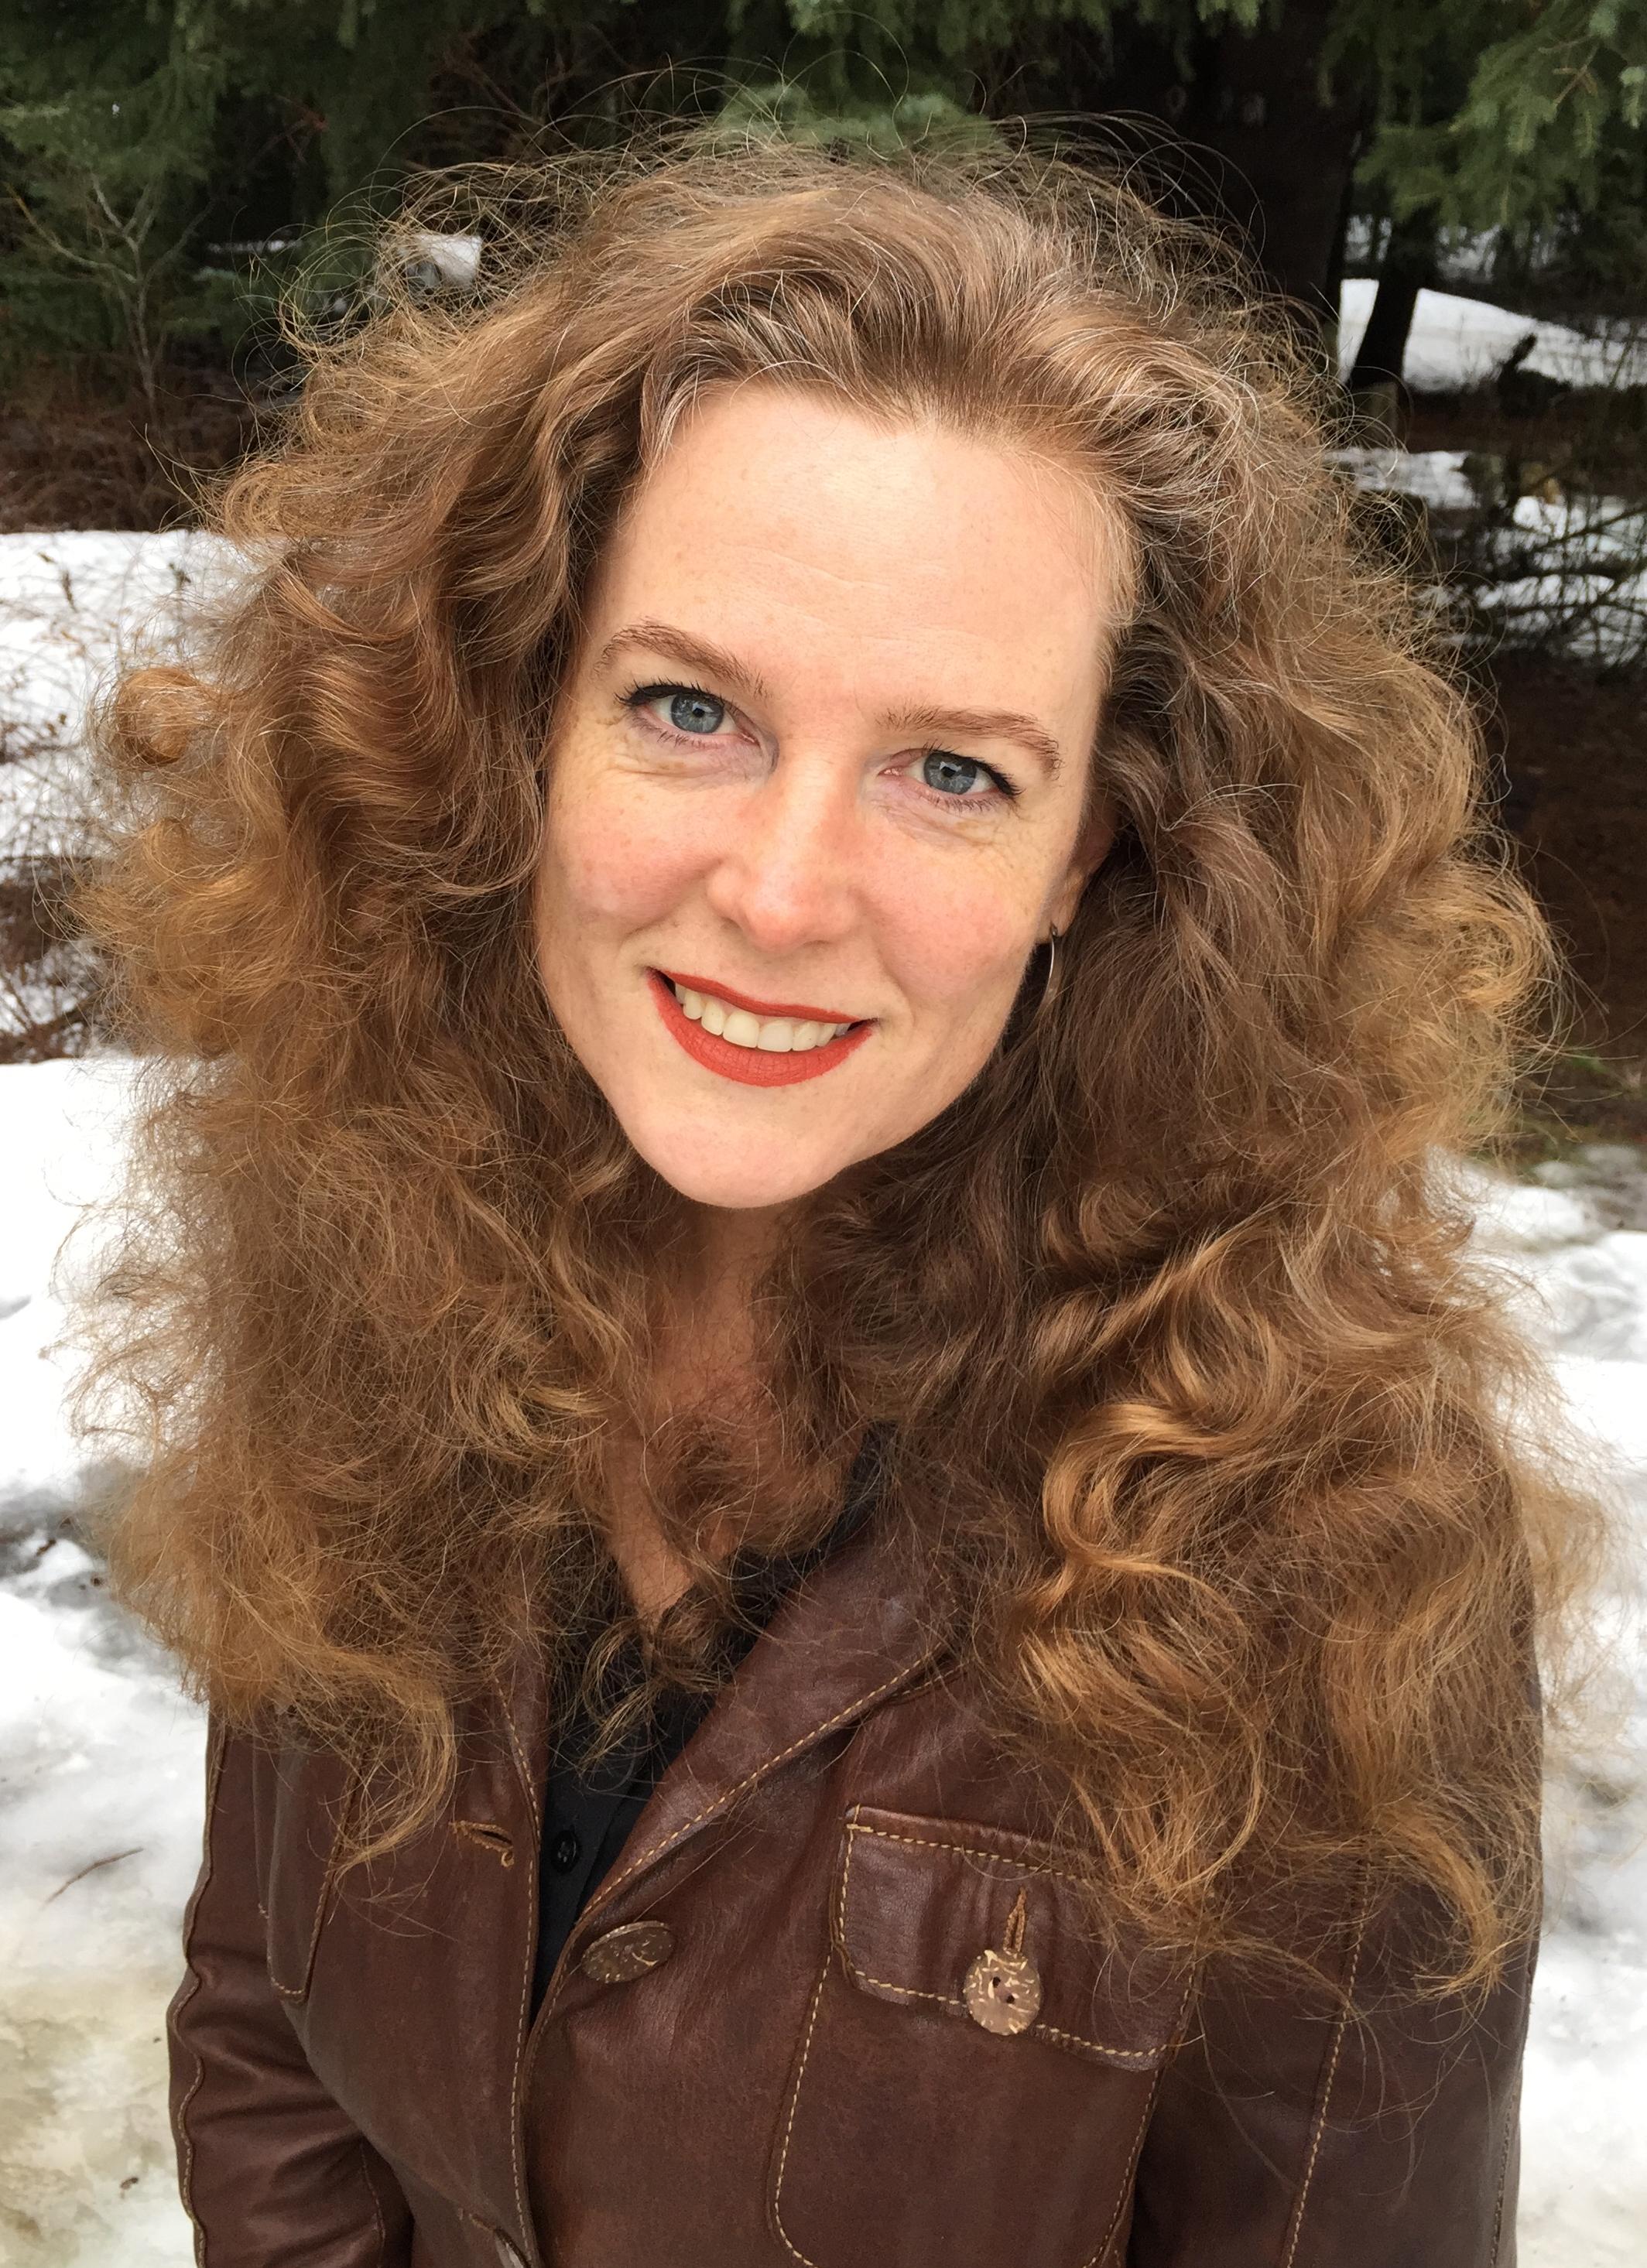 Mari K. Swingle (AKA Dr. Mari)